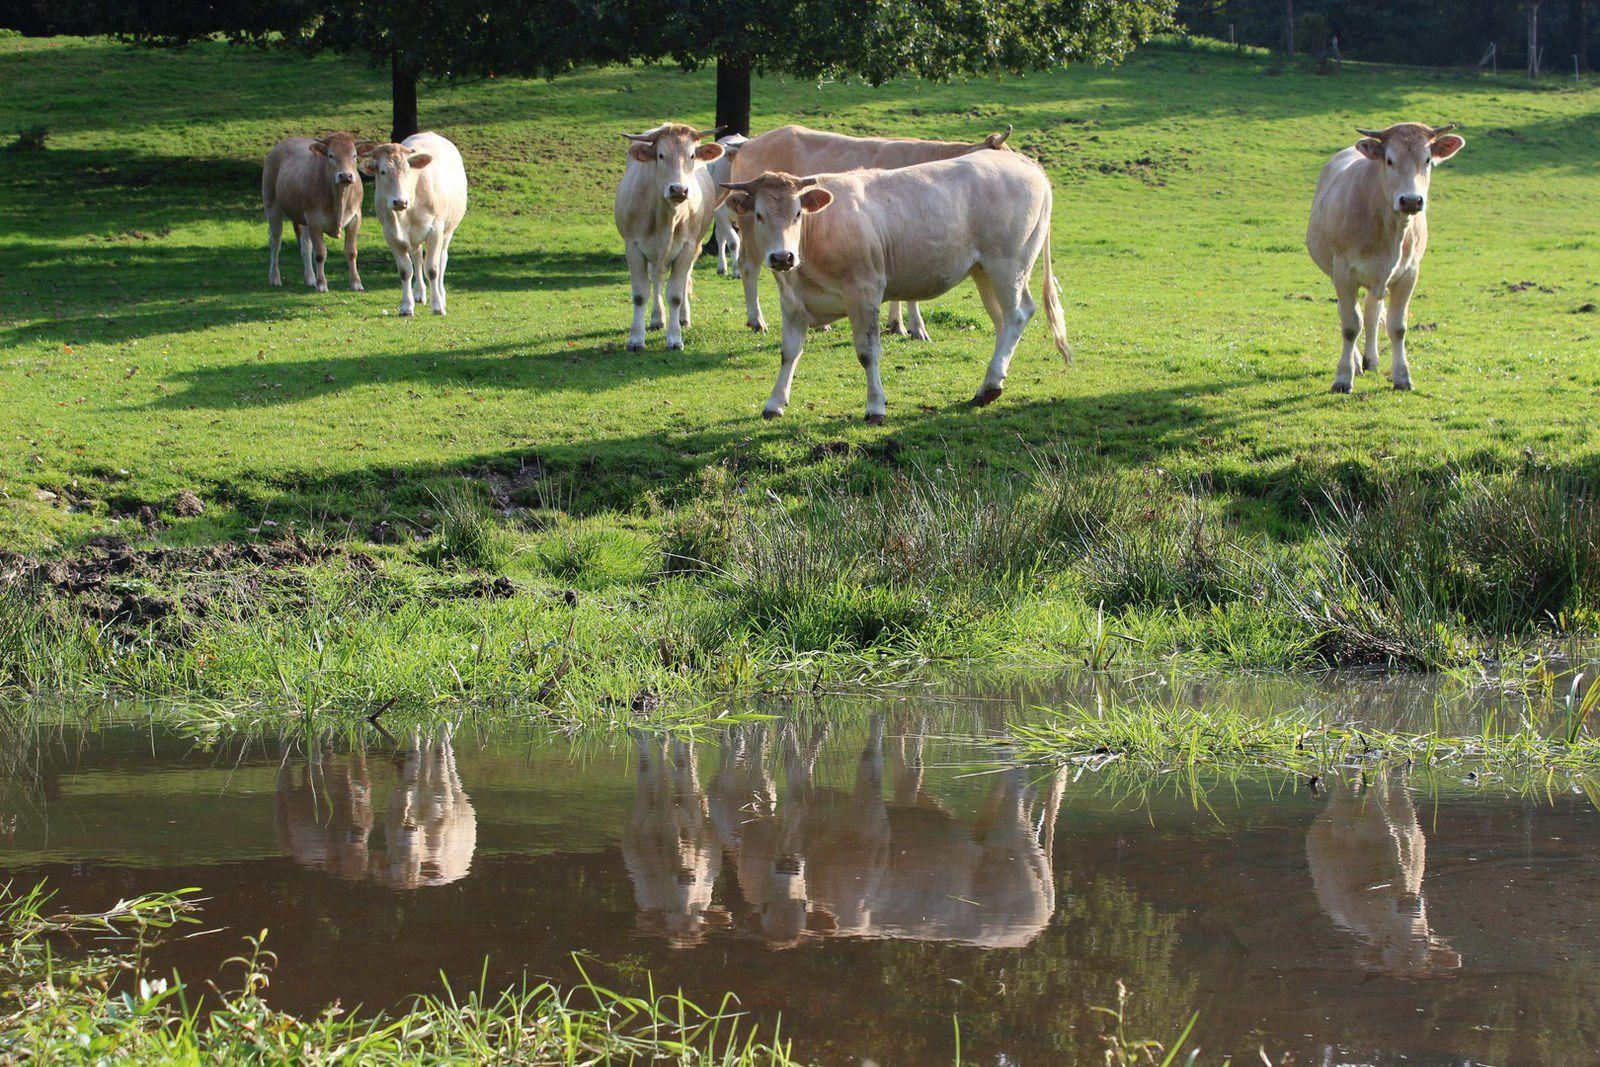 des prairies humides et des vaches_ vallée du Rhodon préservation biodiversité_10.2011_p